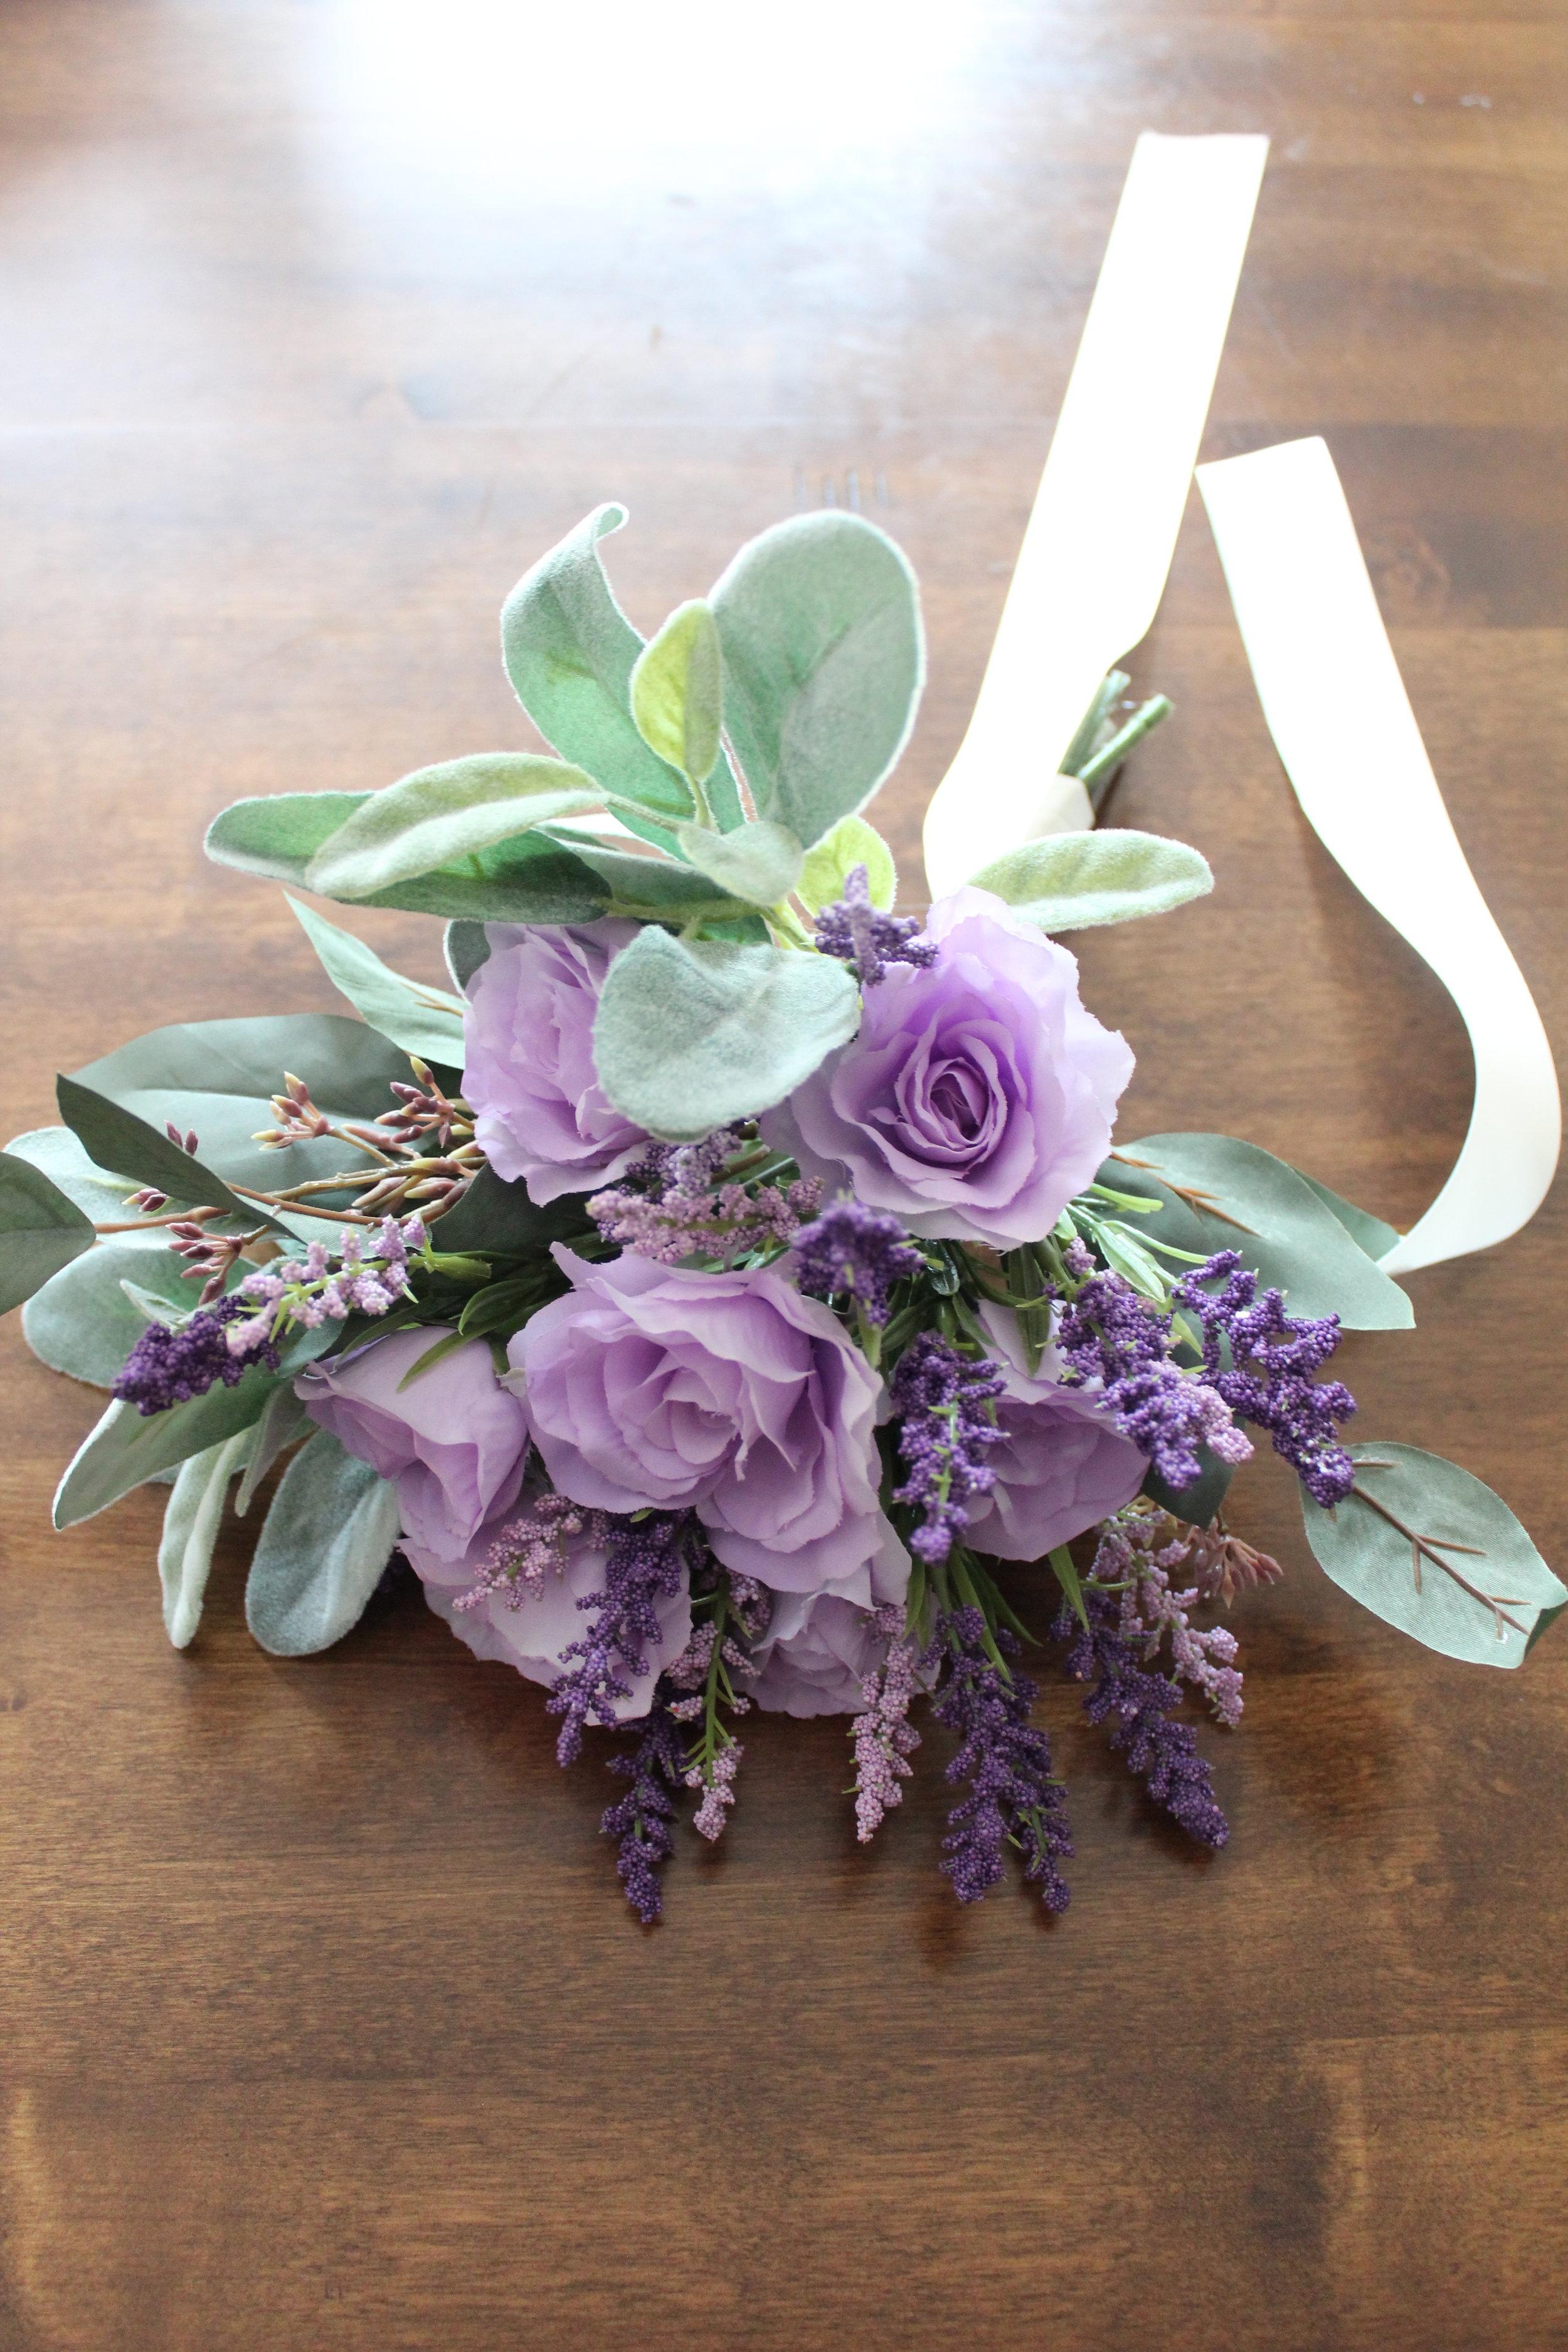 custom-silk-wedding-flowers-toss-bridal-bouquet.jpg